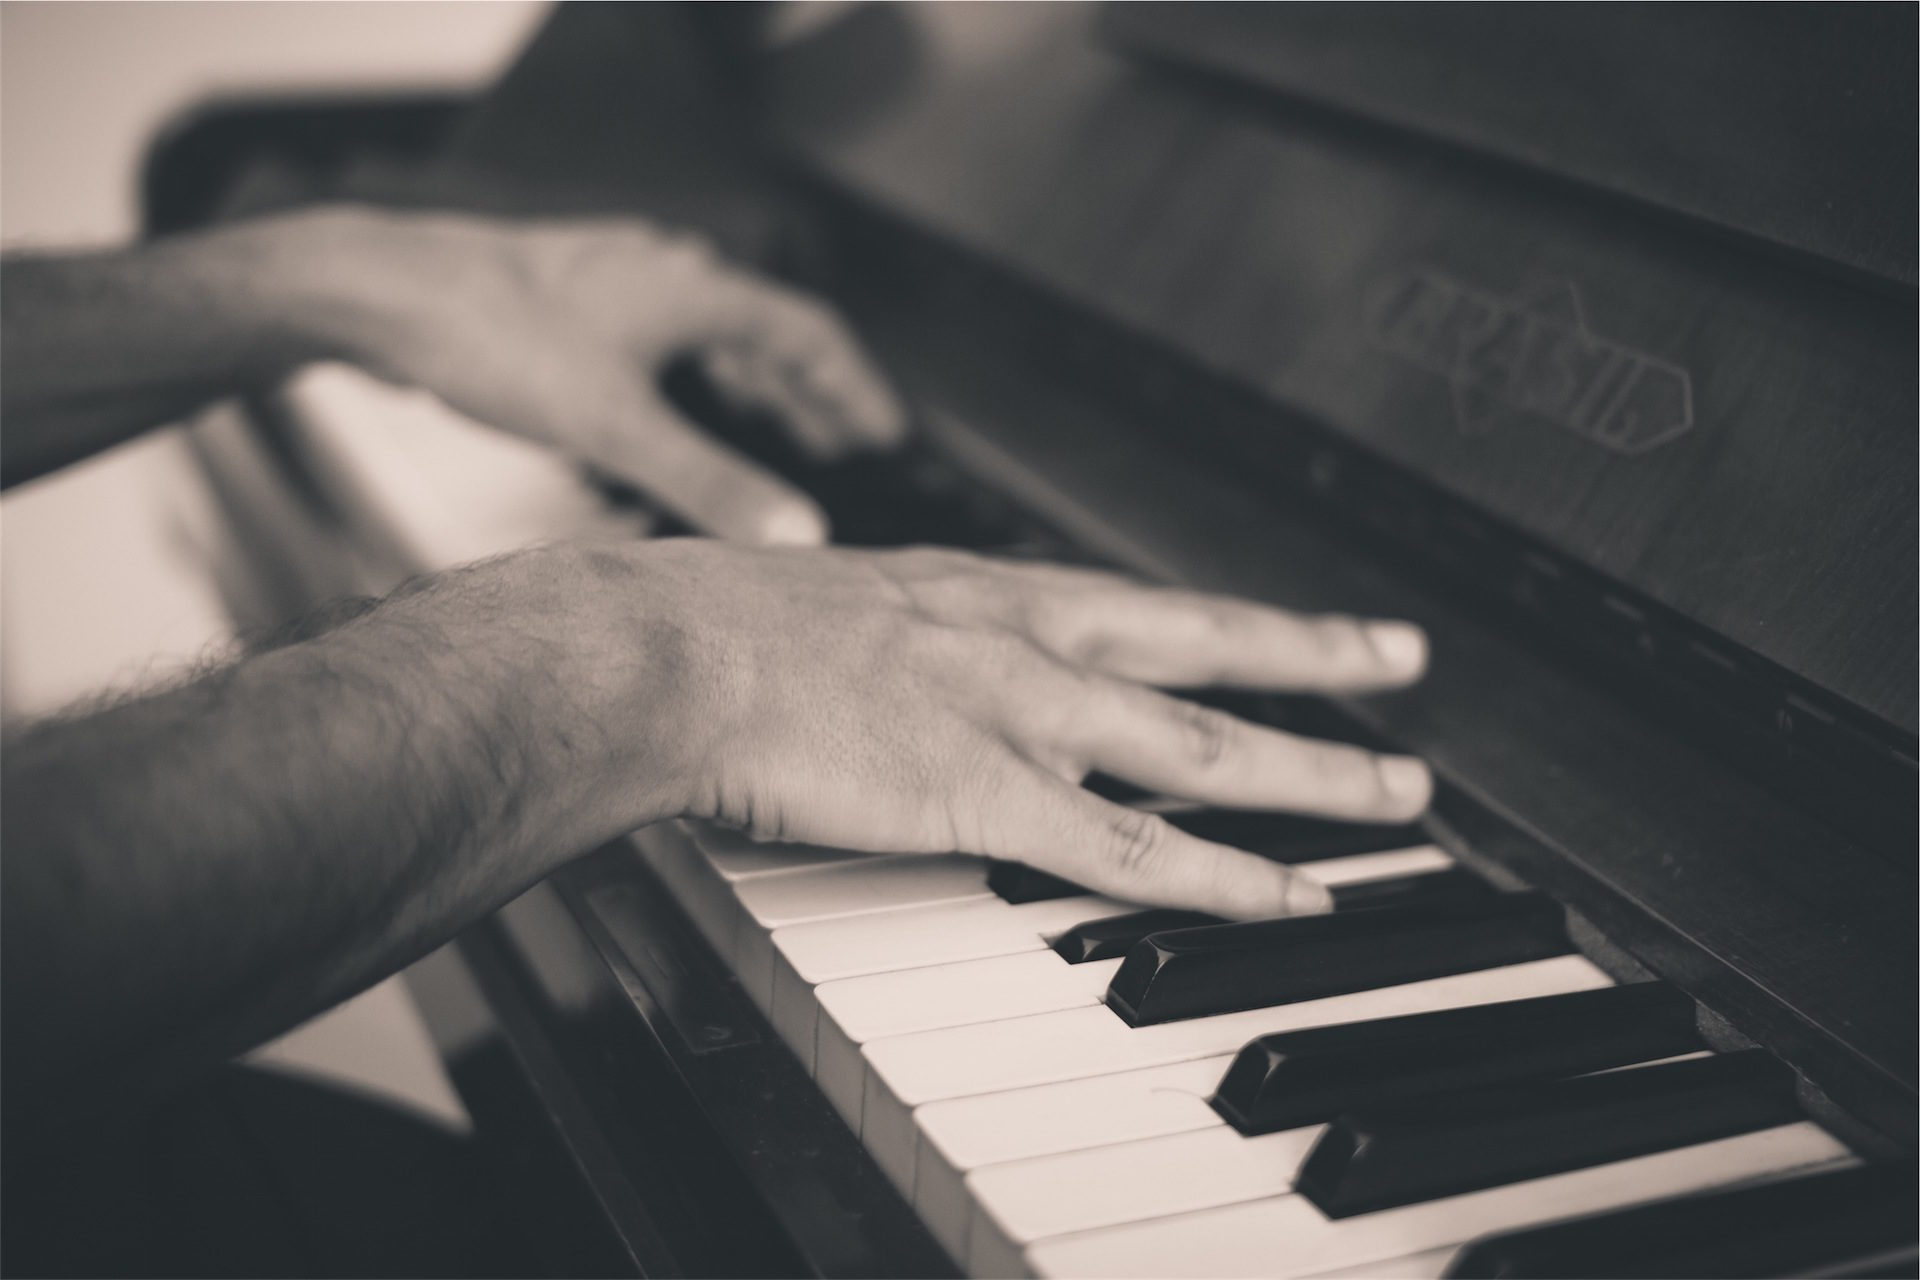 钢琴, 手, 男子, 钥匙, 在黑色和白色 - 高清壁纸 - 教授-falken.com